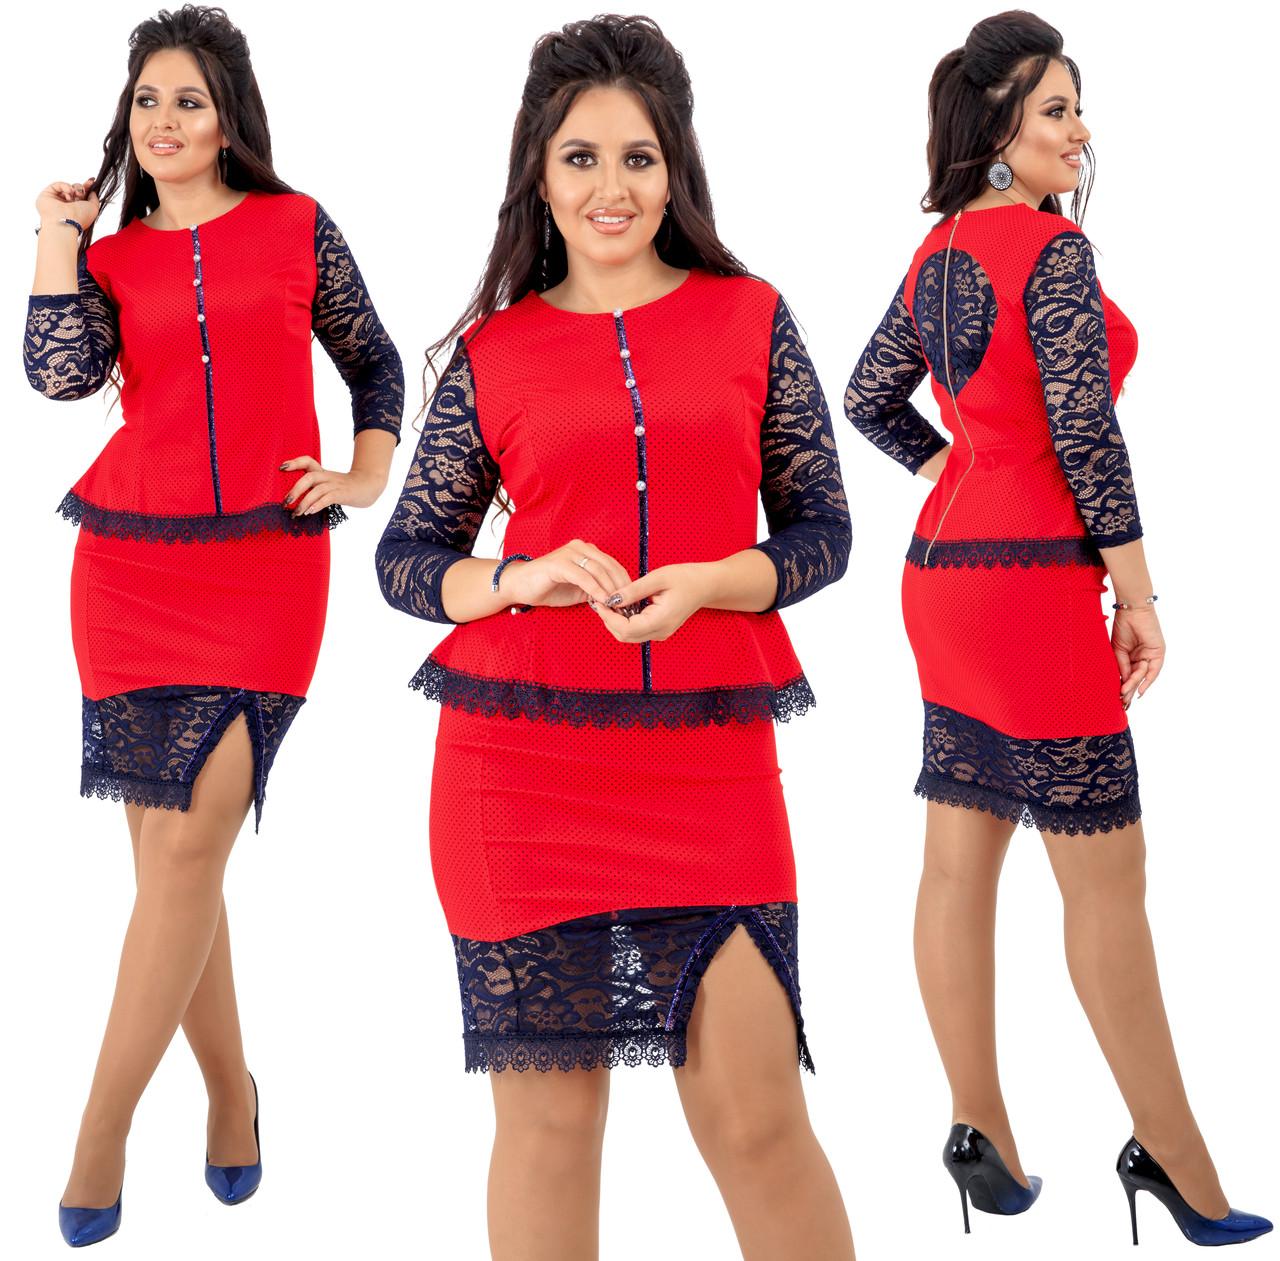 Женский комплект больших размеров от 48 до 62 декорирован кружевом / 4 цвета  арт 6536-92